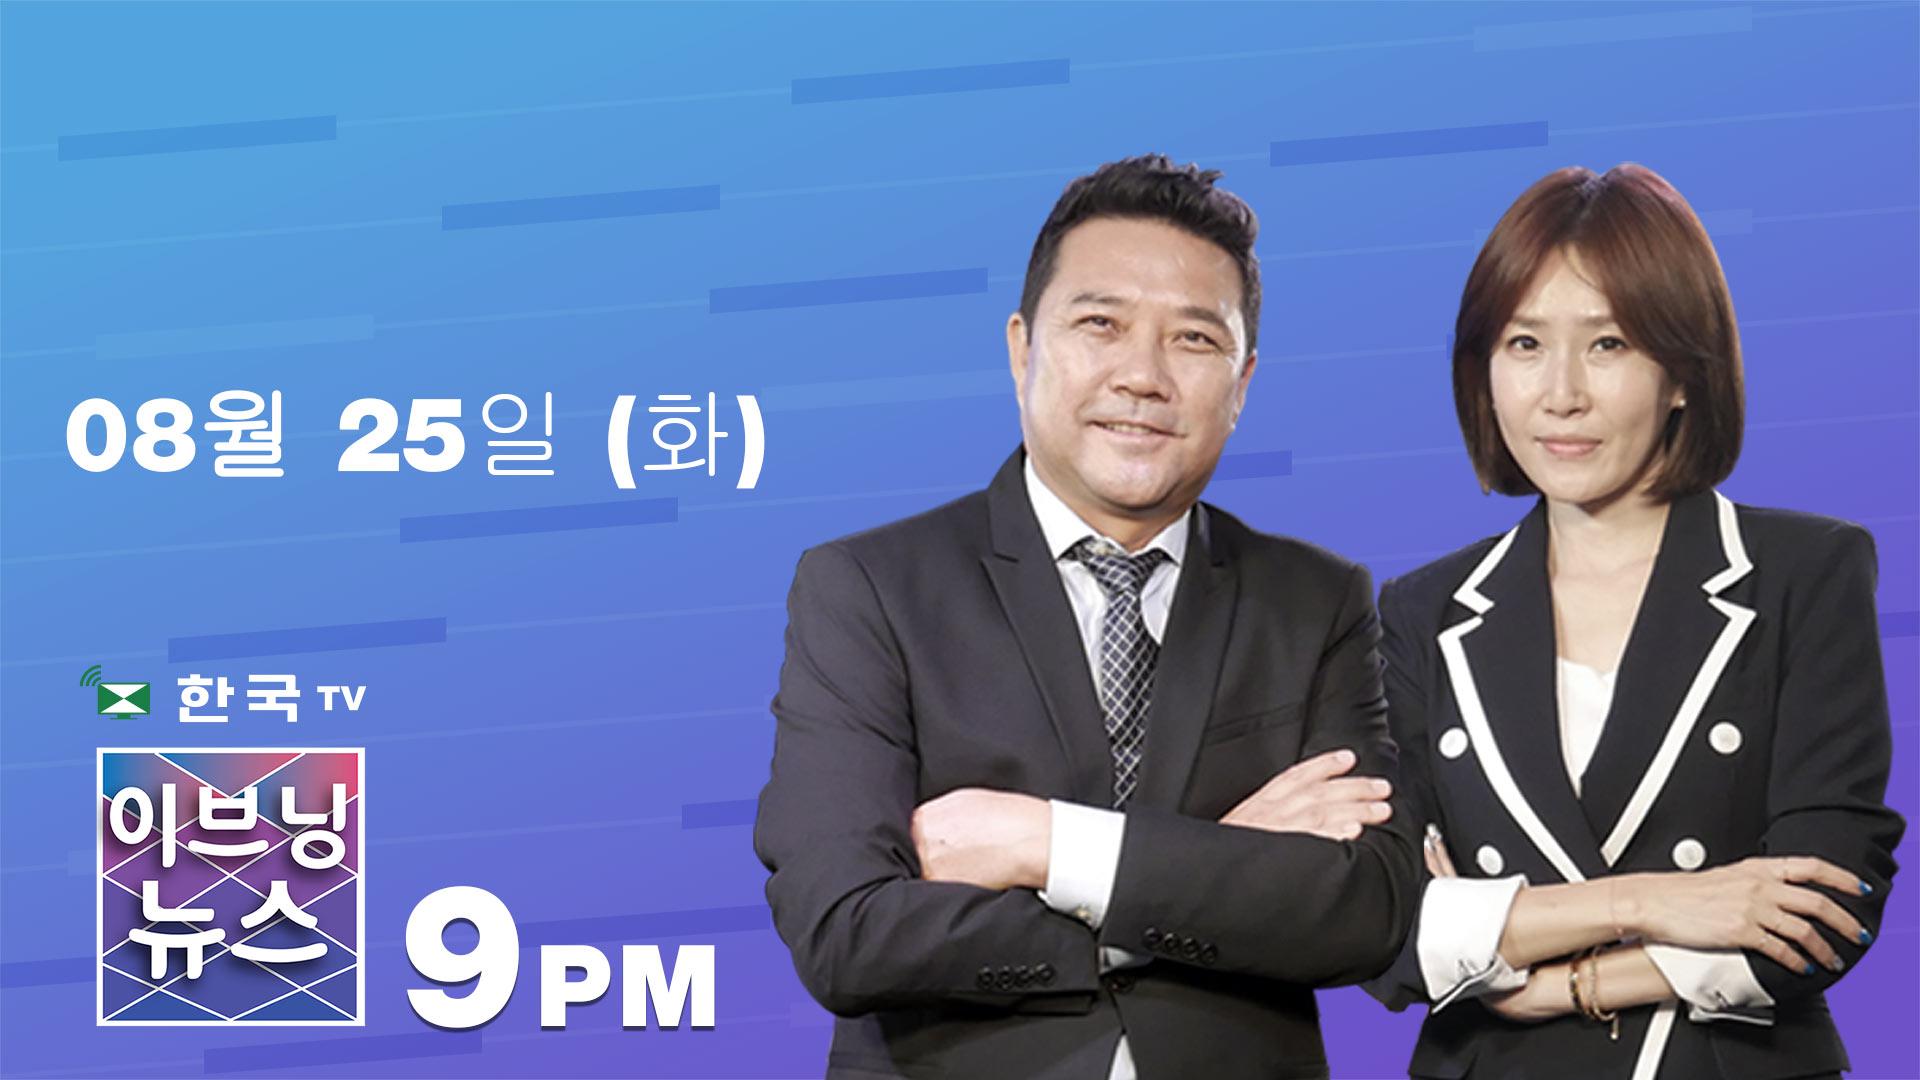 (08.25.2020) 한국TV 이브닝 뉴스